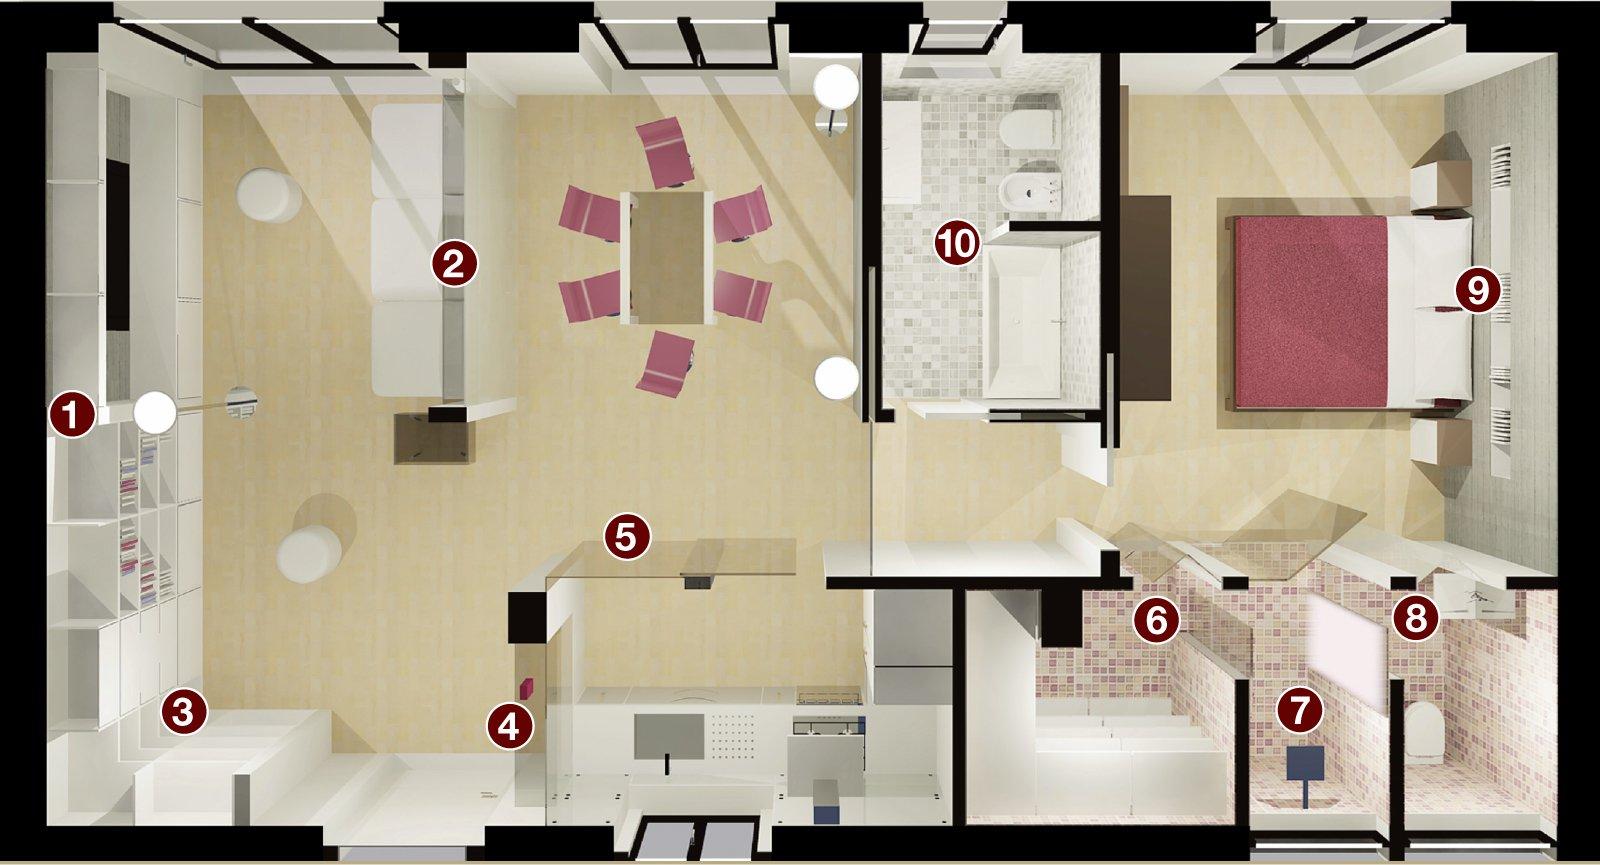 Come Arredare Una Sala Da Pranzo Idee Per I Mobili E La Decorazione  #6E332E 1600 865 Come Arredare Una Sala Da Pranzo